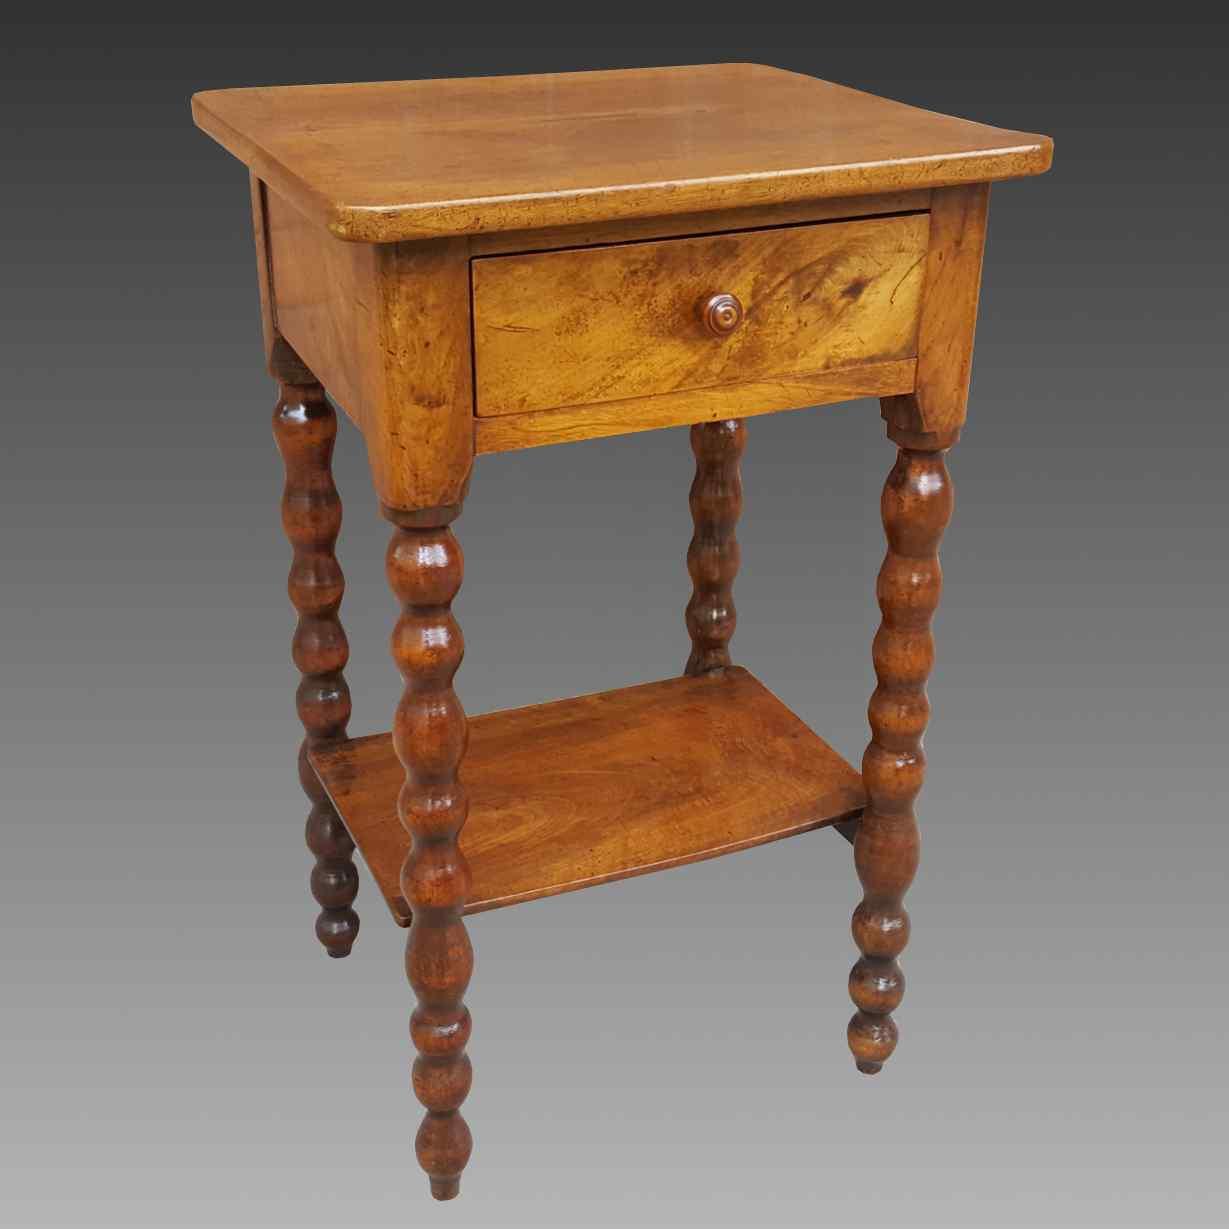 Ancien petite Table Chevet en noyer - 19ème siècle